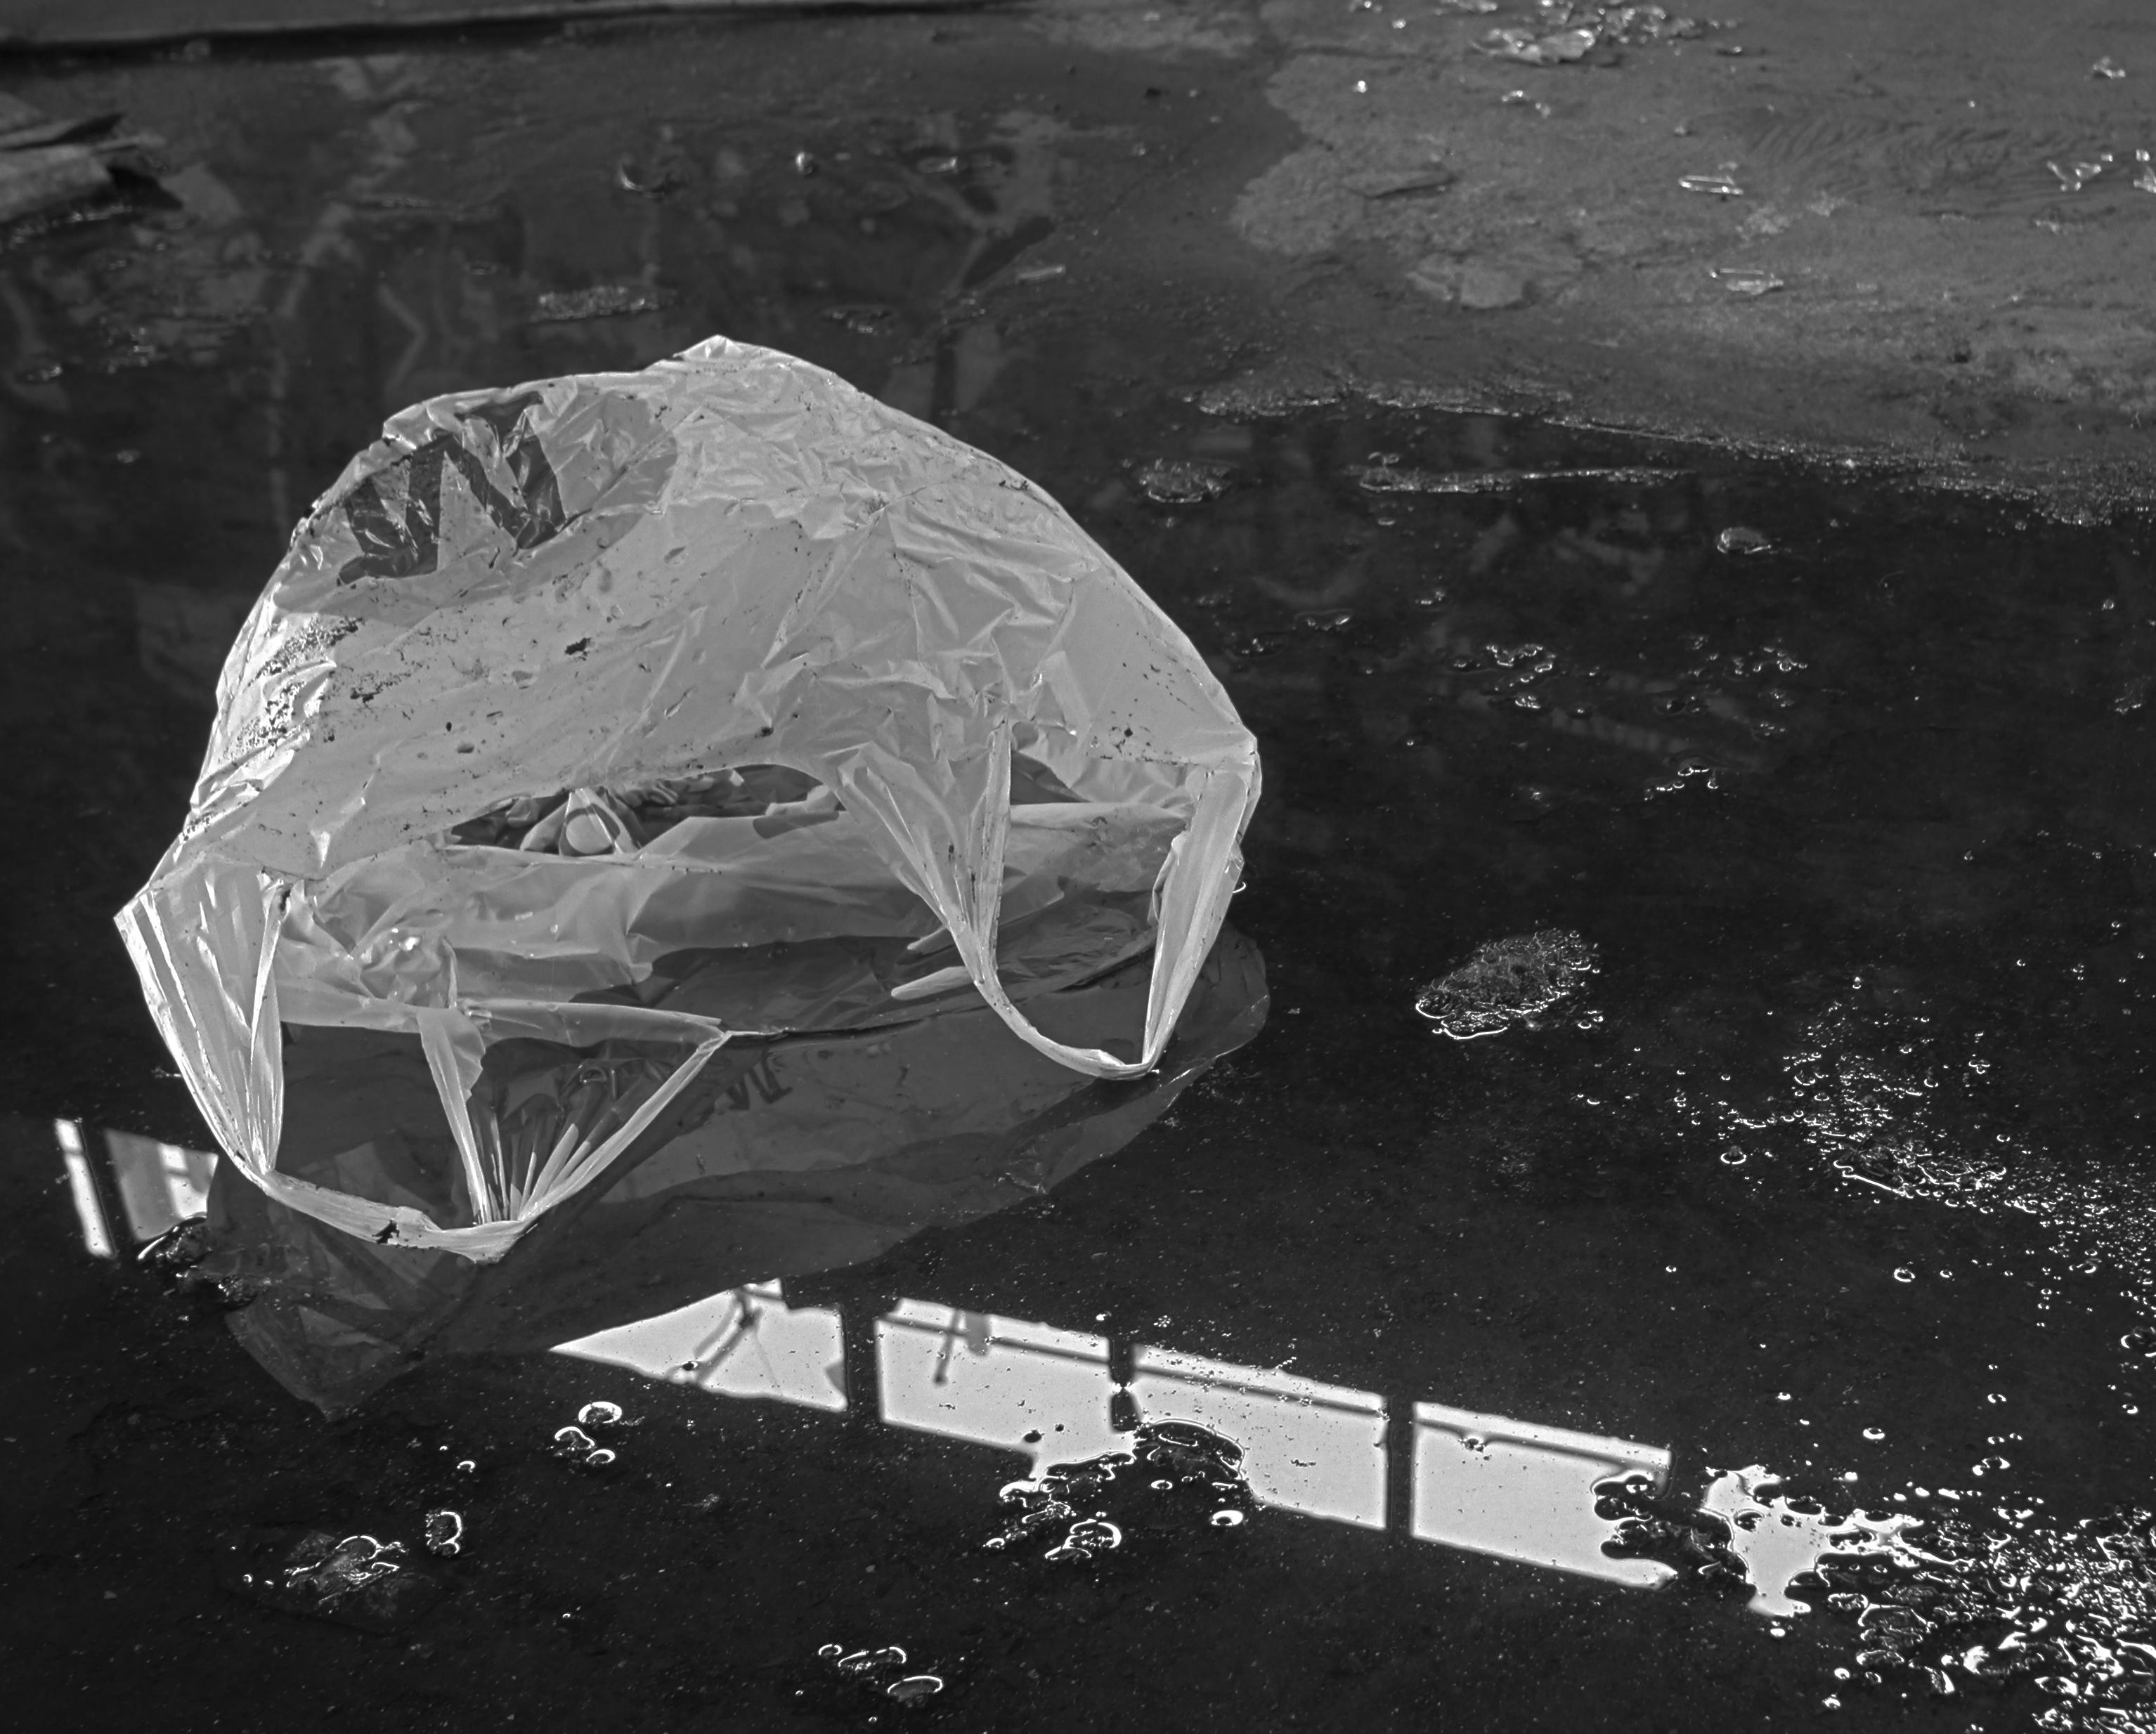 bagwater